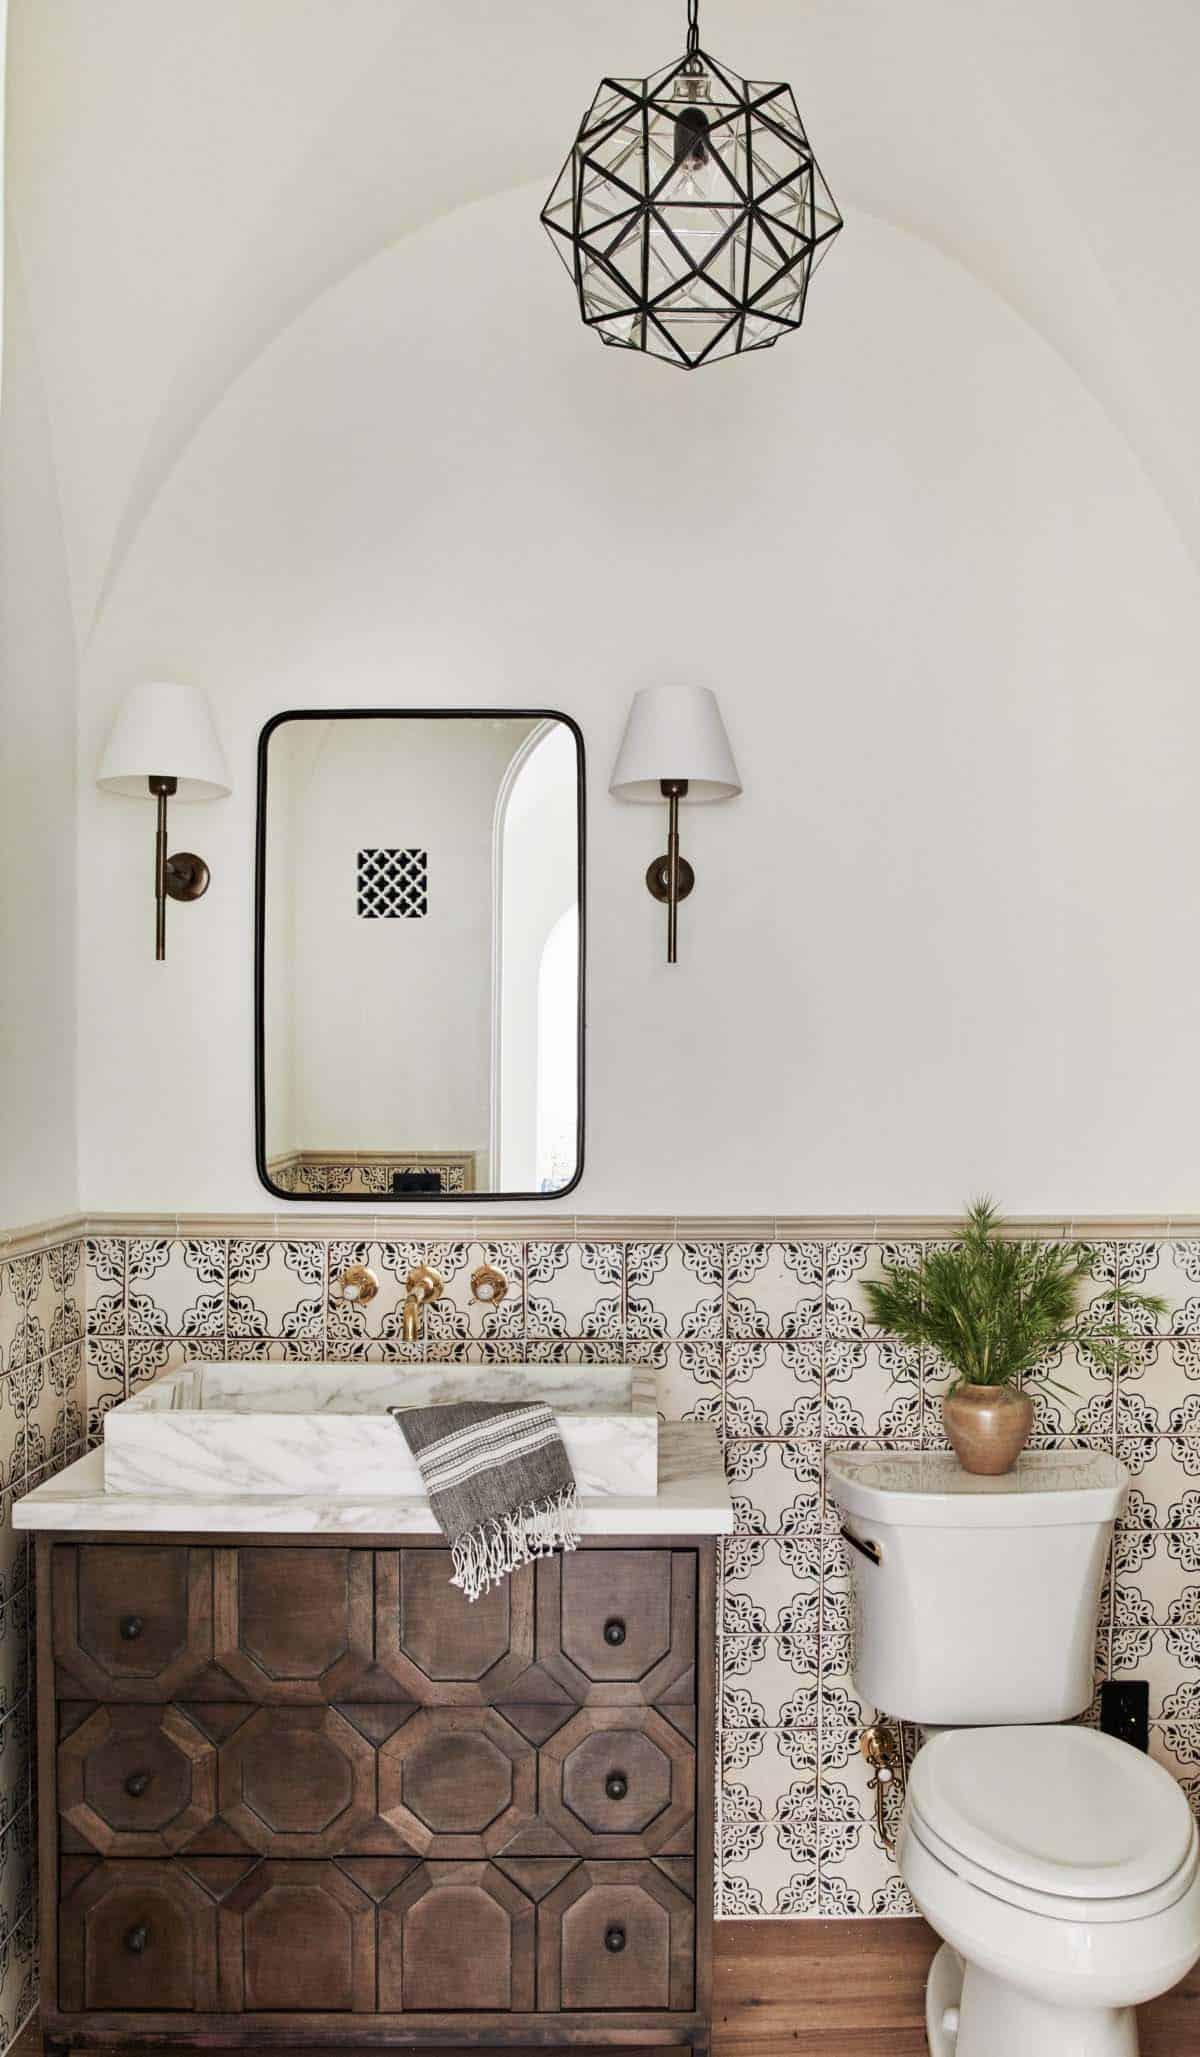 🛀 These Stunning Spanish Bathroom Décor Ideas Are Our Dream Relax Spot!  spanish bathroom décor ideas 🛀 These Stunning Spanish Bathroom Décor Ideas Are Our Dream Relax Spot! 16 2